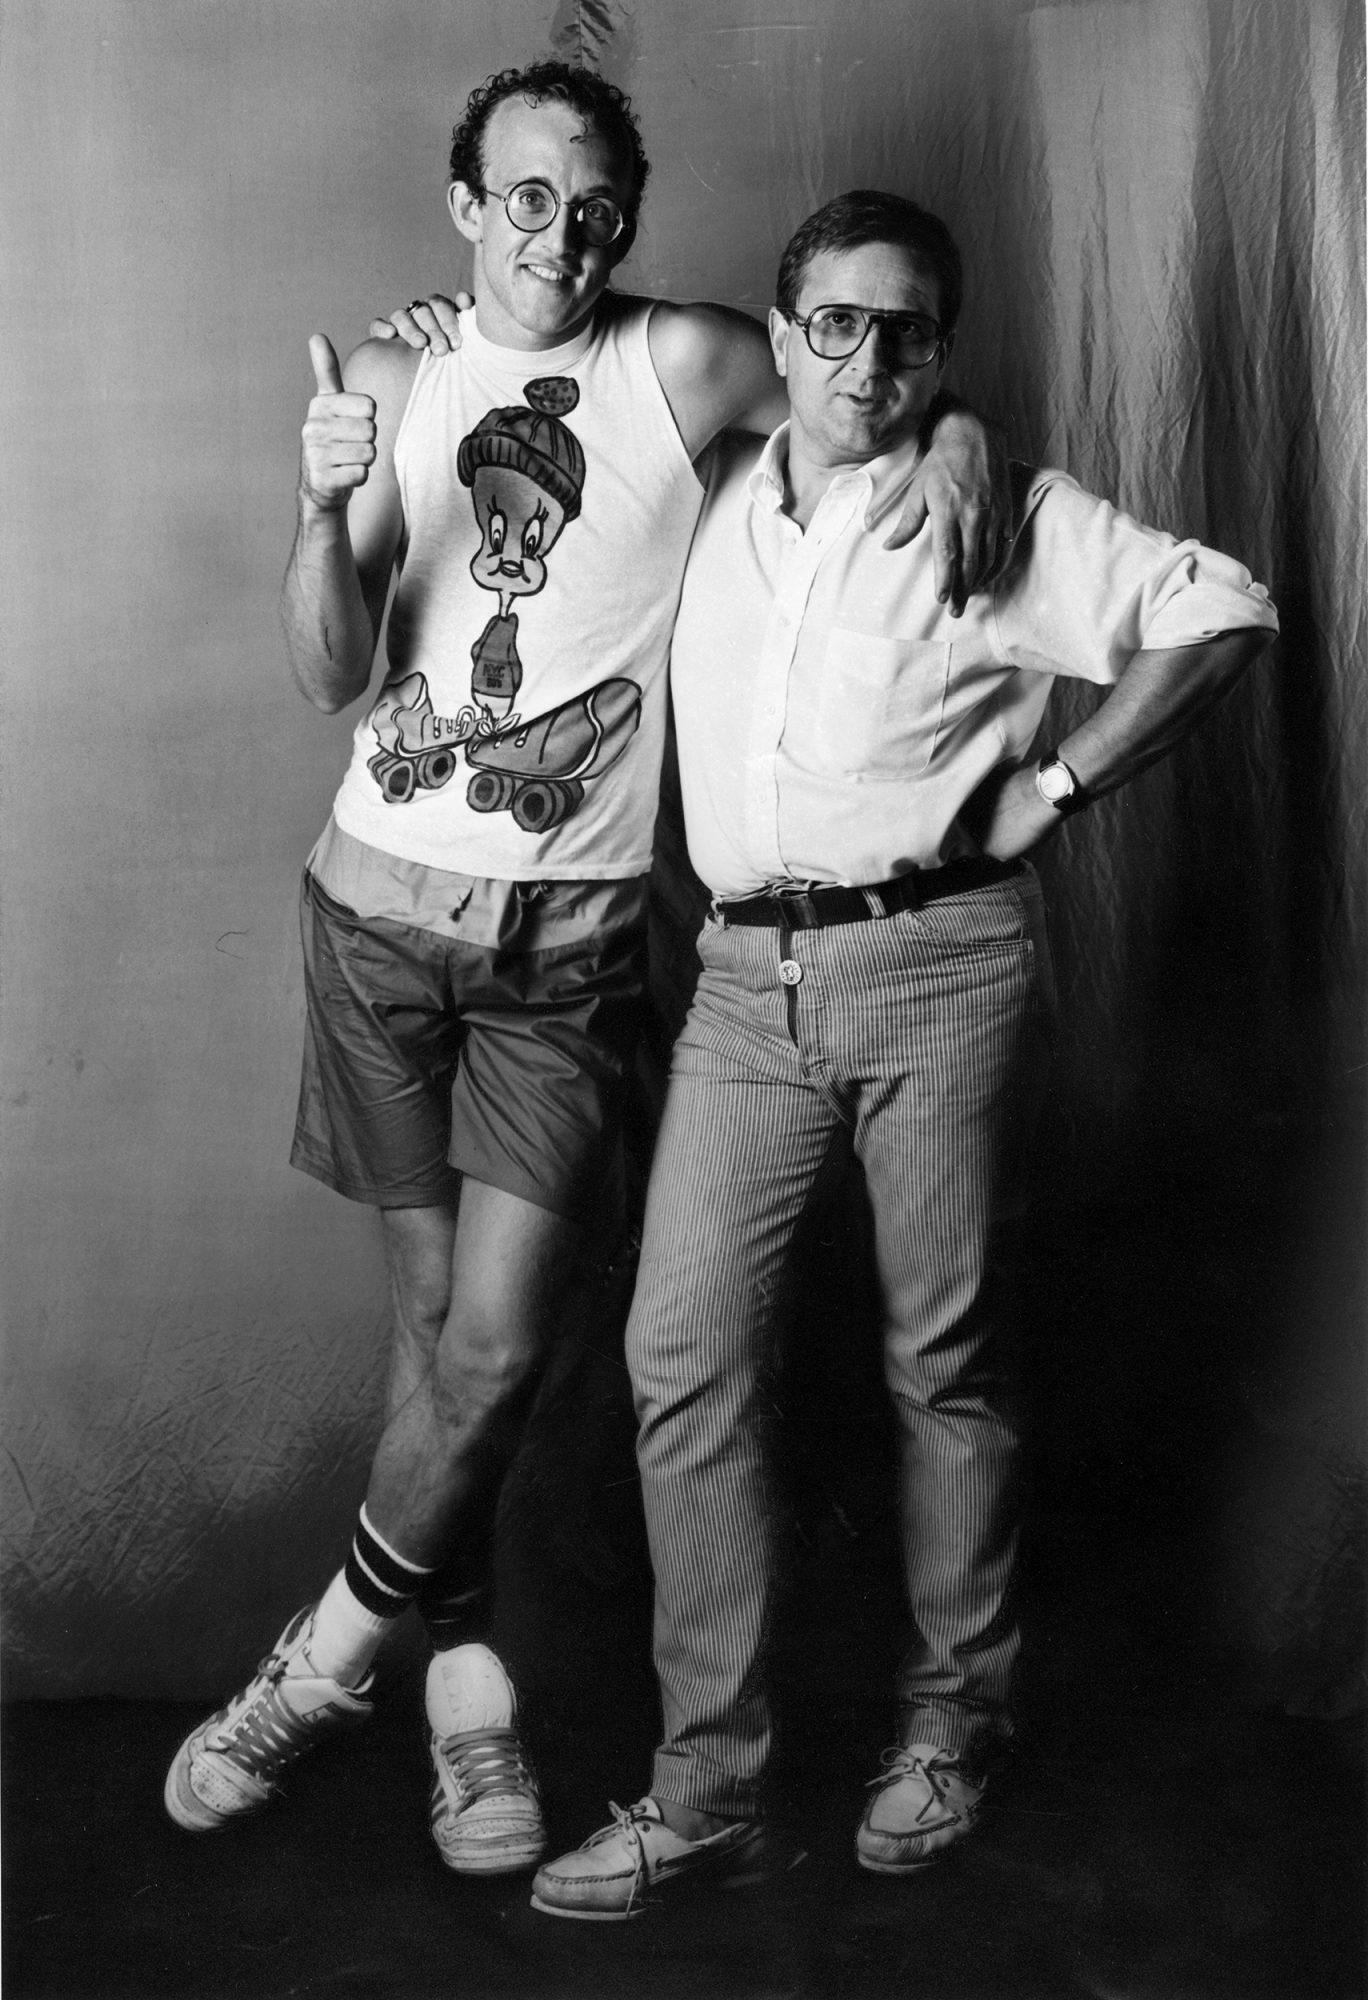 Keith Haring et Pierre Keller, Montreux Jazz Festival 1983, photographie de Jacques Straesslé